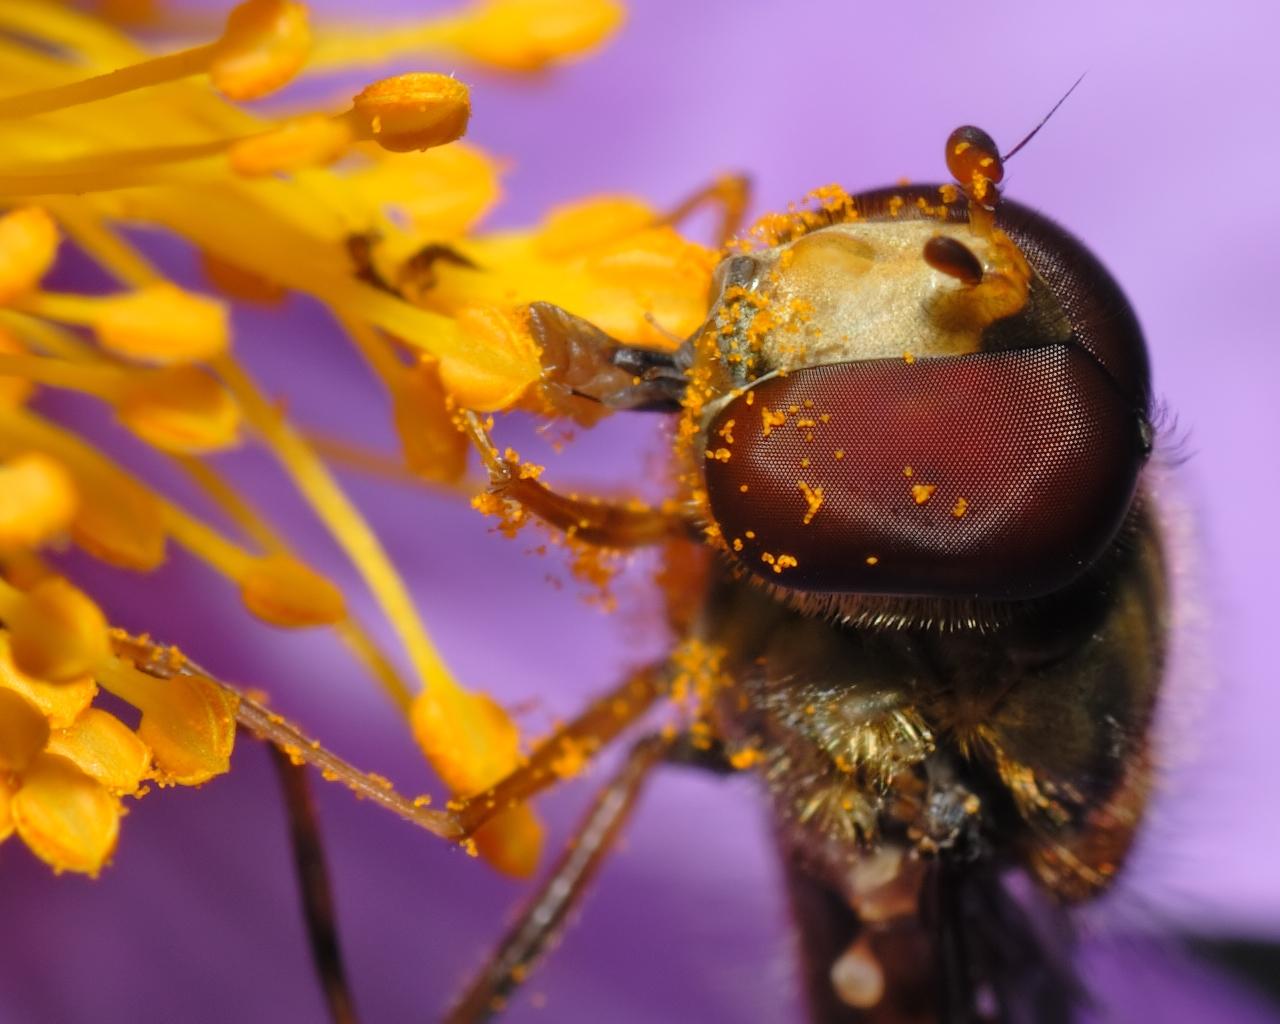 саша, картинки растений и пчел пример симбиоза так данное время